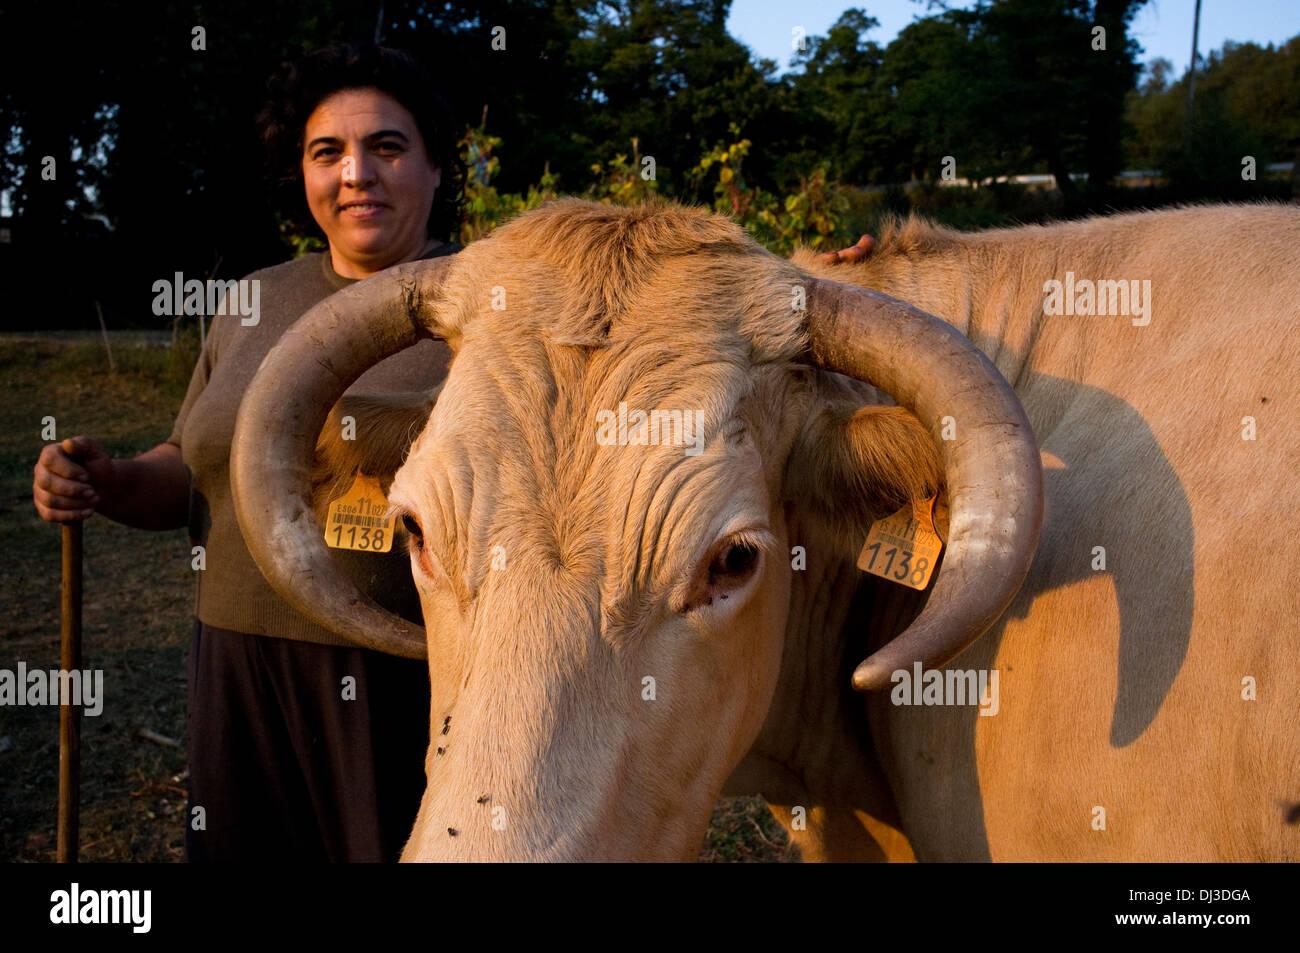 Las vacas en Galicia, España. La vaca granja gallega española Foto de stock